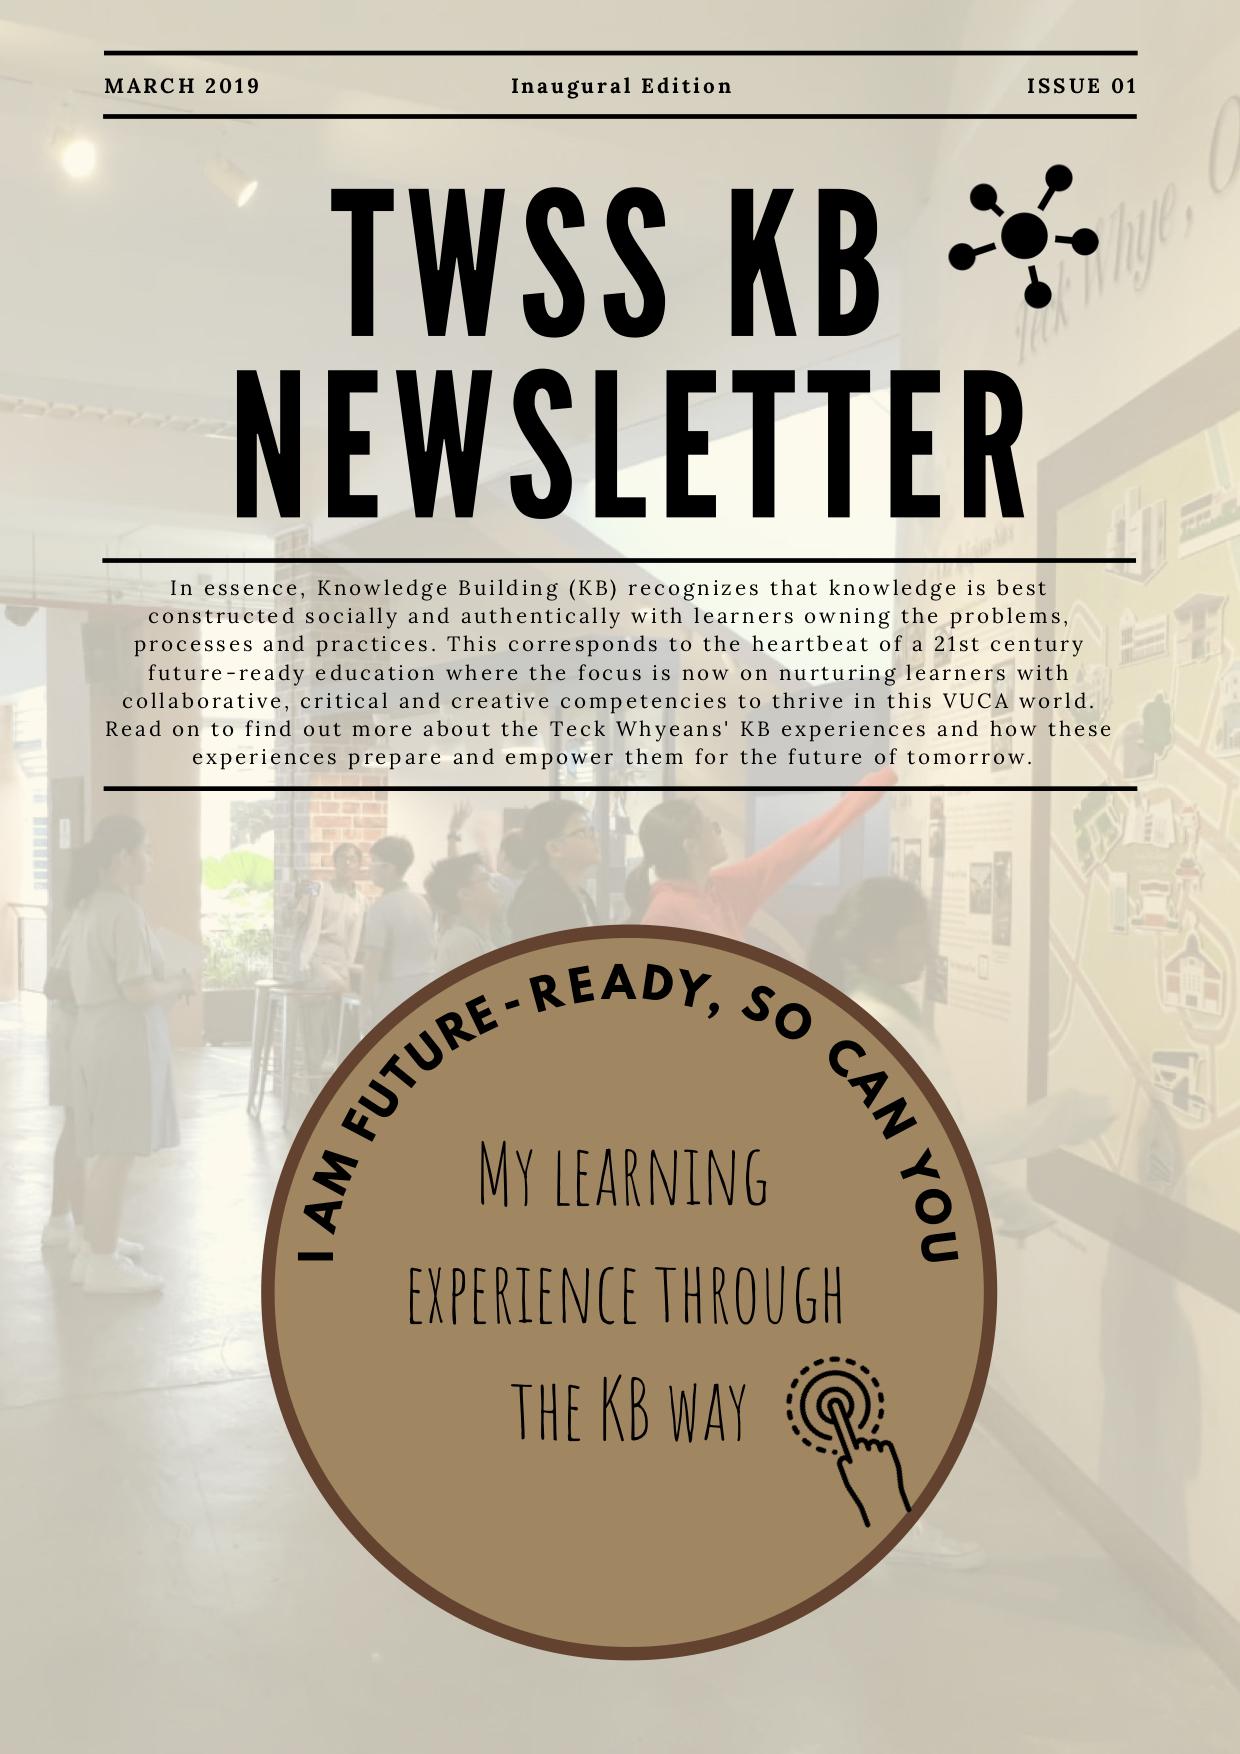 TWSS KB Newsletter Mar'19 (v2.2).jpg